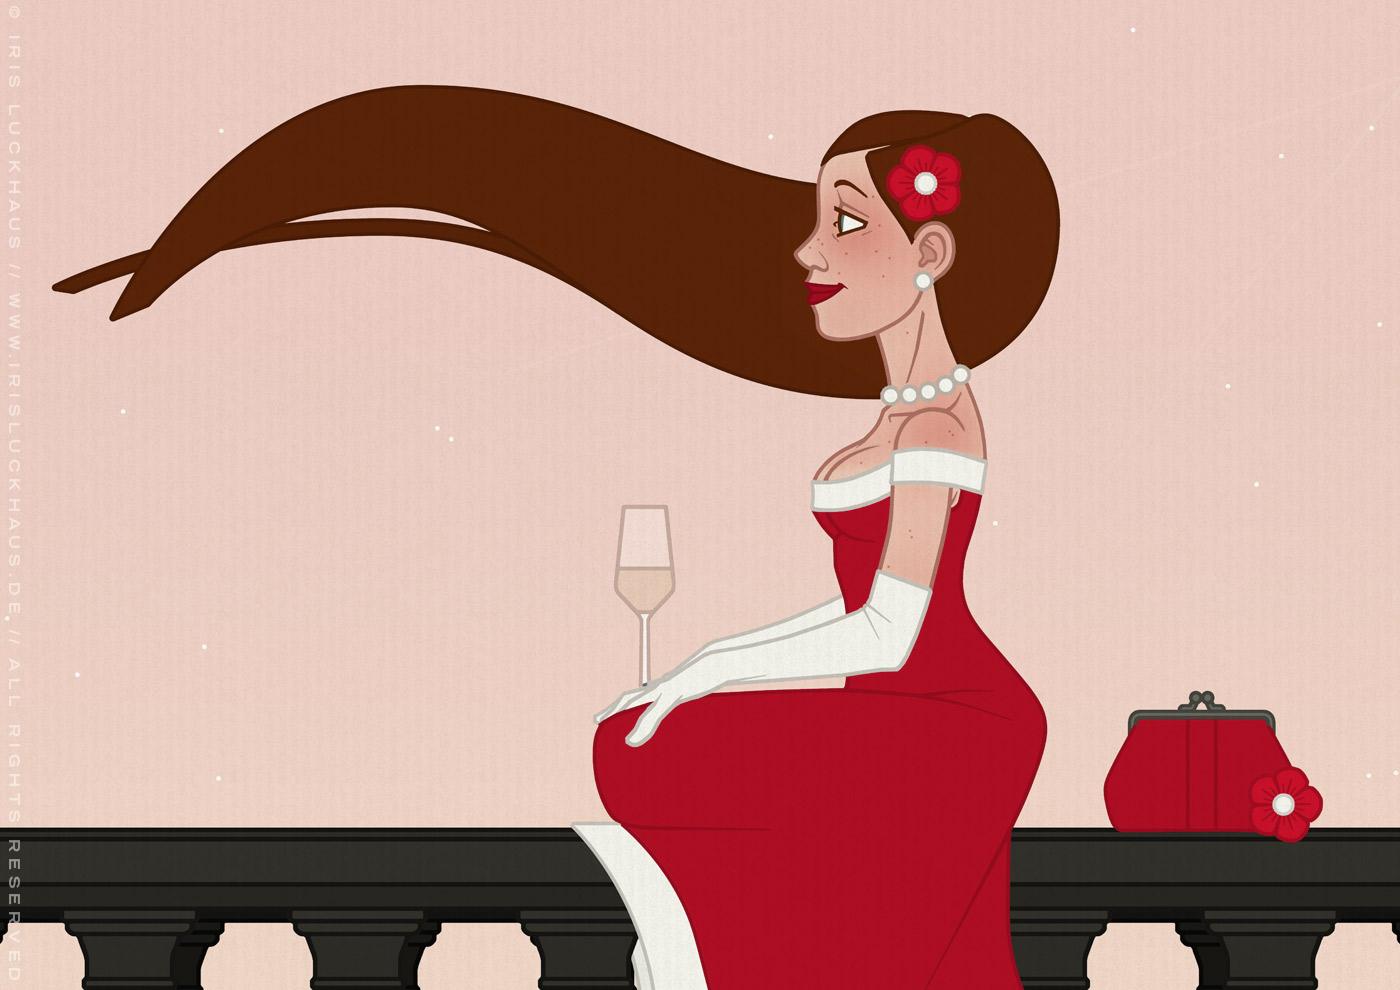 Ausschnitt aus der Illustration einer schönen Frau im roten Abendkleid, die bei Sonnenaufgang Champagner auf einer Brücke in Paris trinkt, für eine Materialbroschüre der Firma Schock